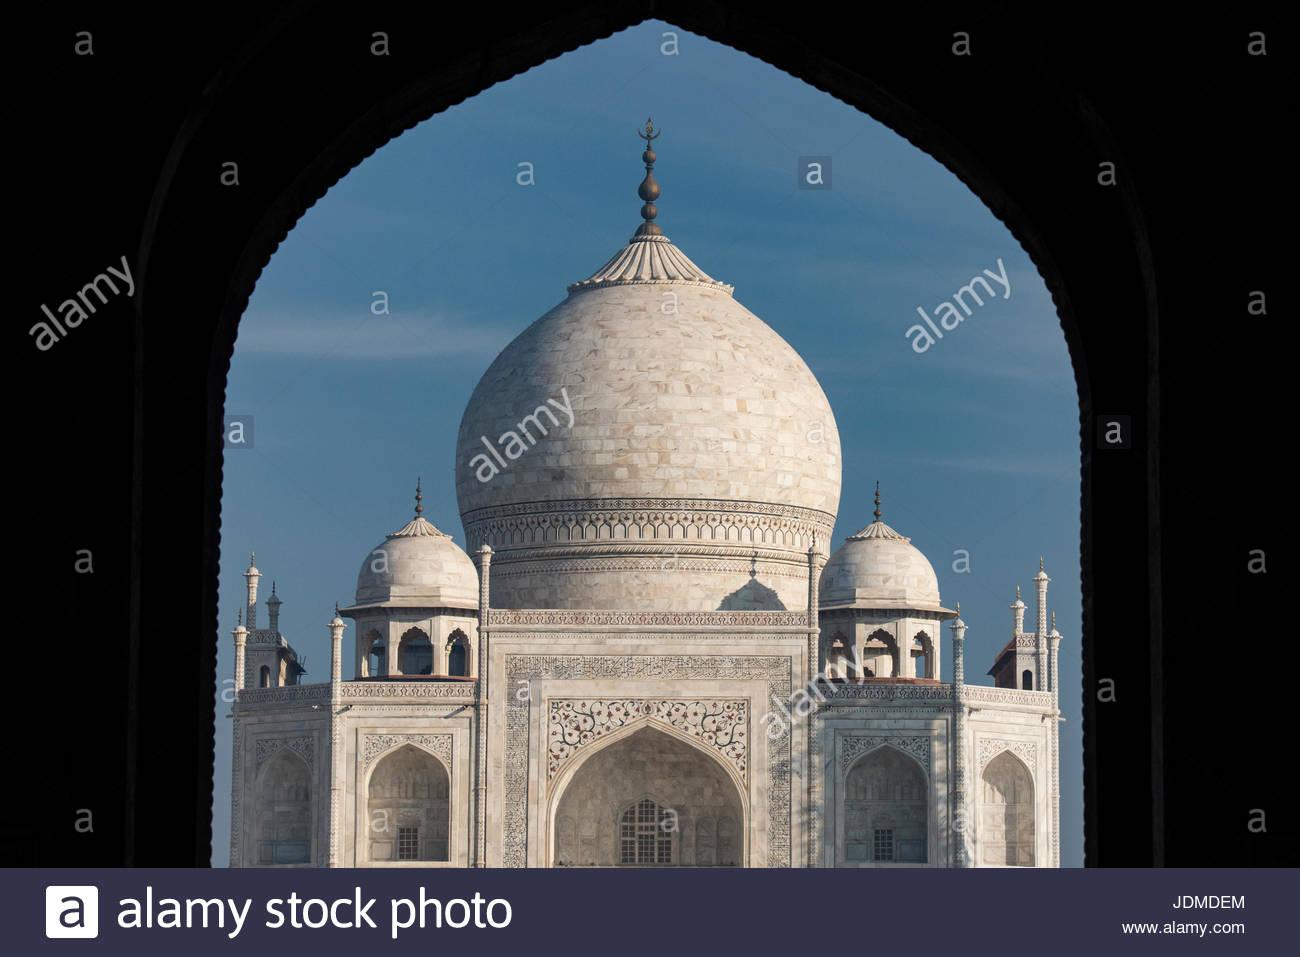 Entrance to the Taj Mahal in Agra. - Stock Image